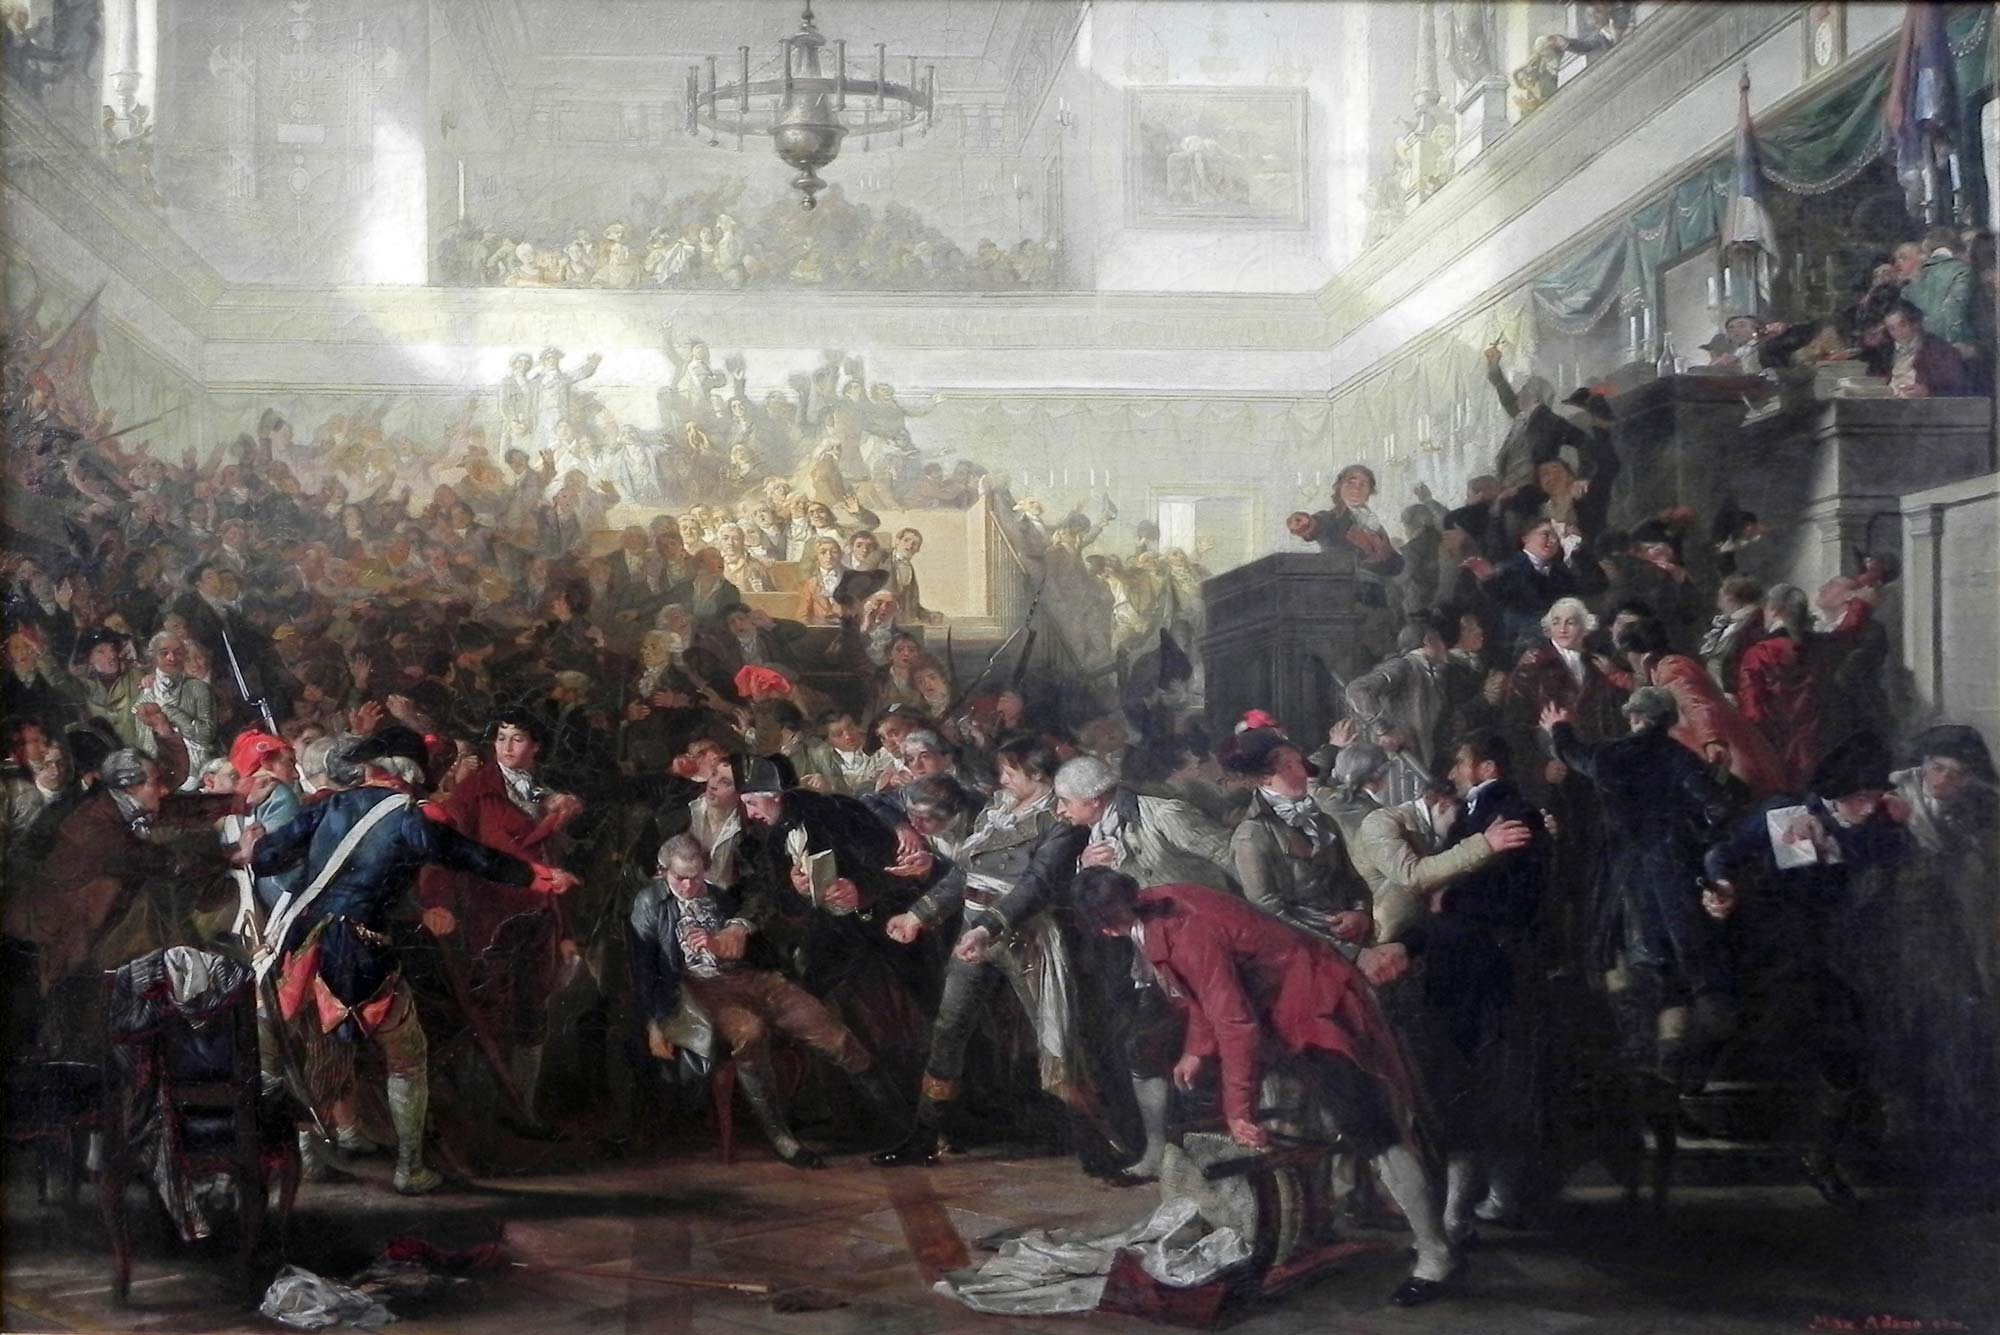 Perspektiven II • Konventionen, Imperfektionen und Lamentos